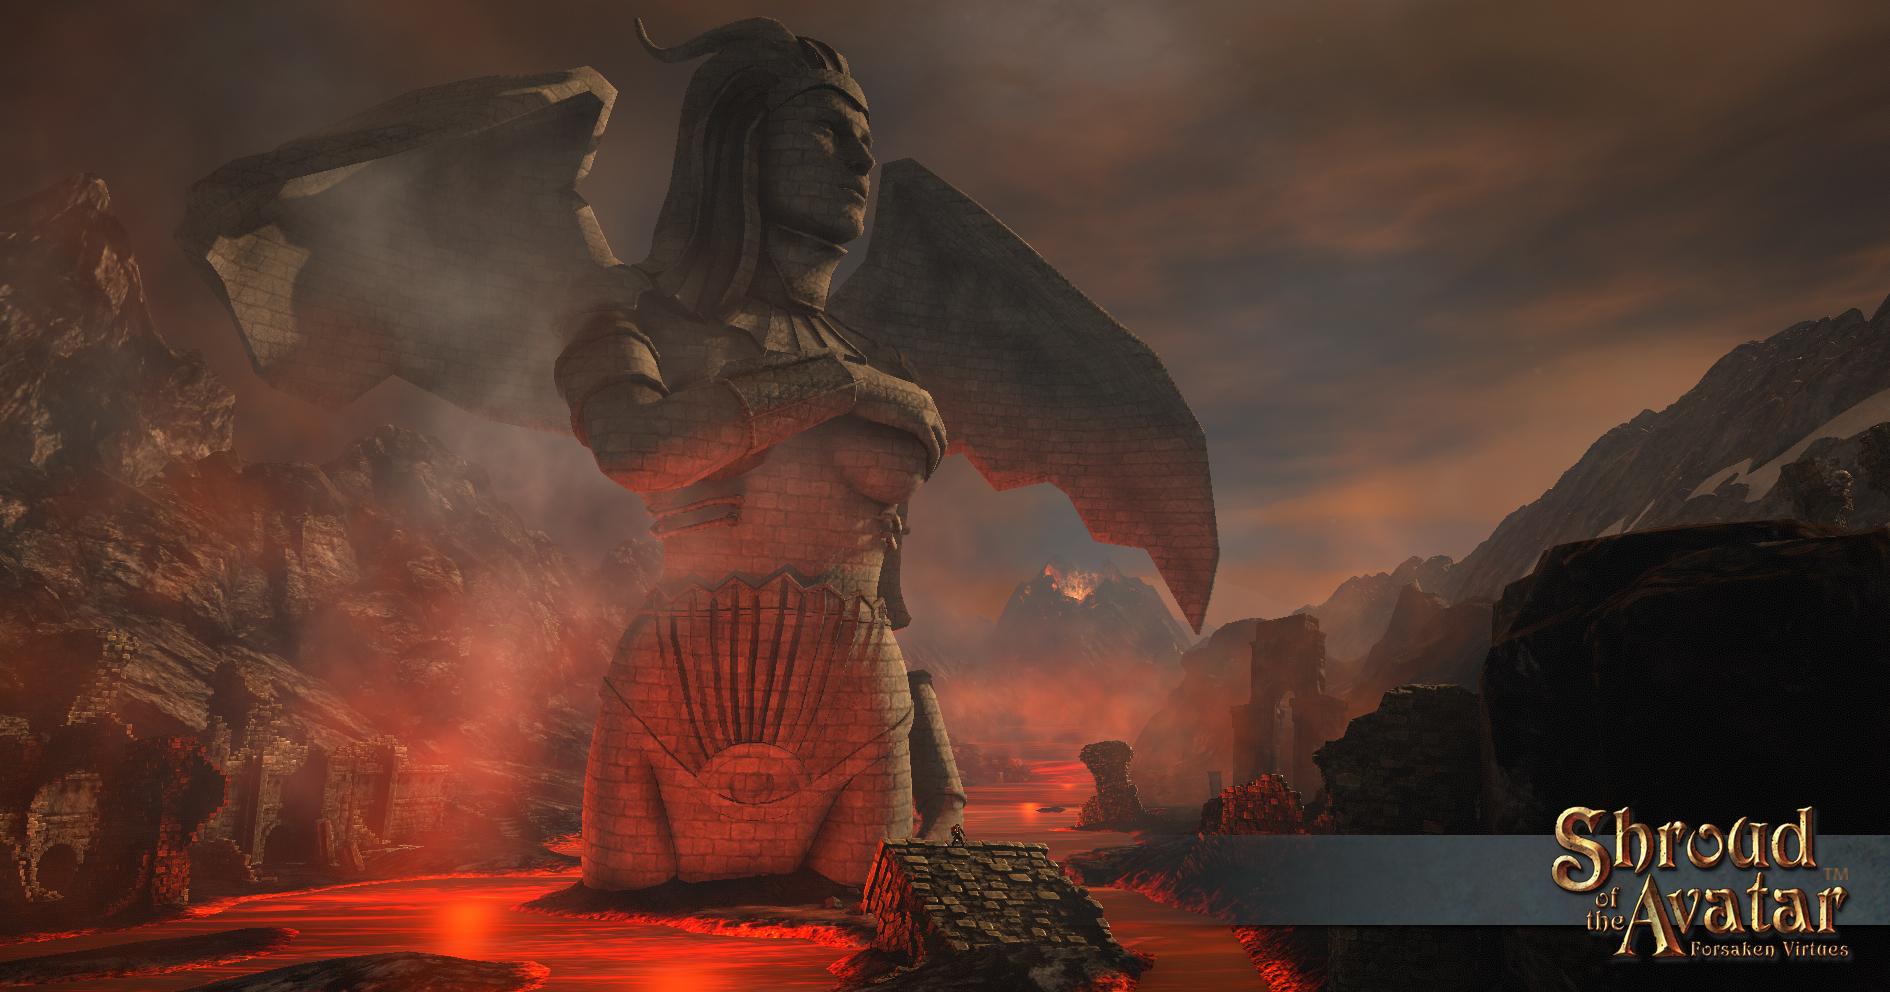 Shroud of the Avatar steam mmorpg 2018 screen1